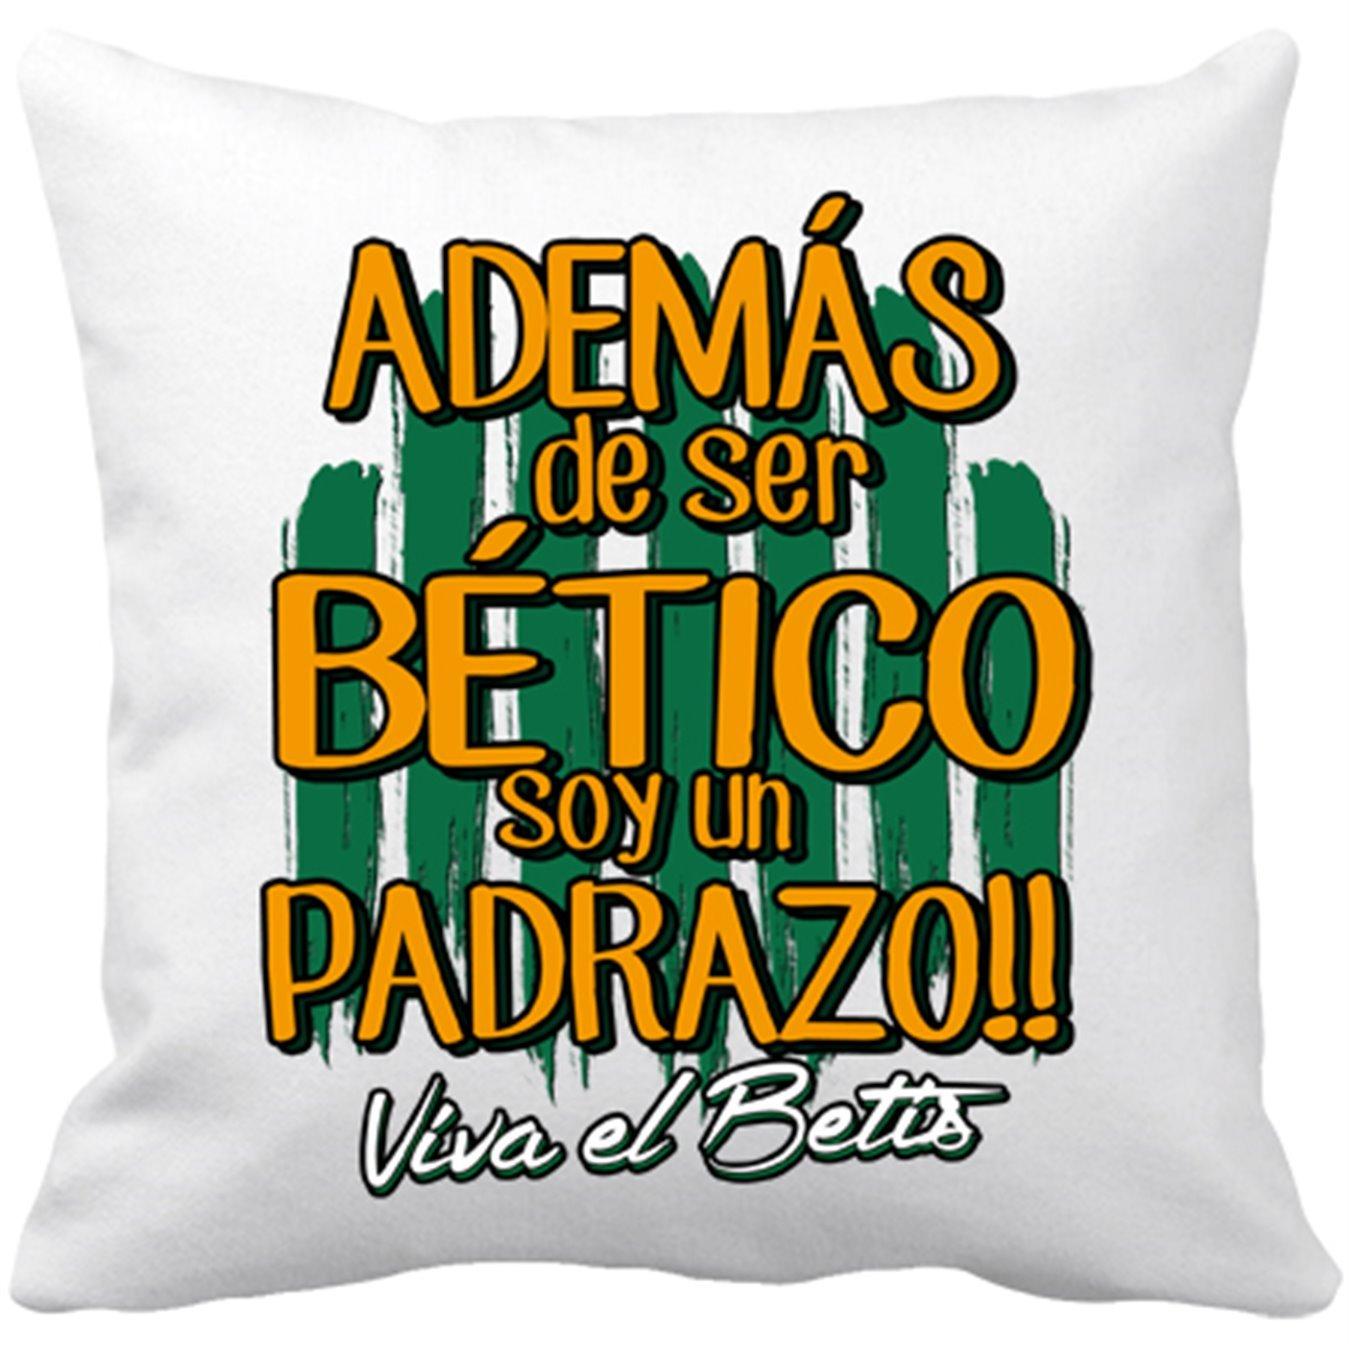 Cojín con relleno Betis además de ser Bético soy un padrazo ...